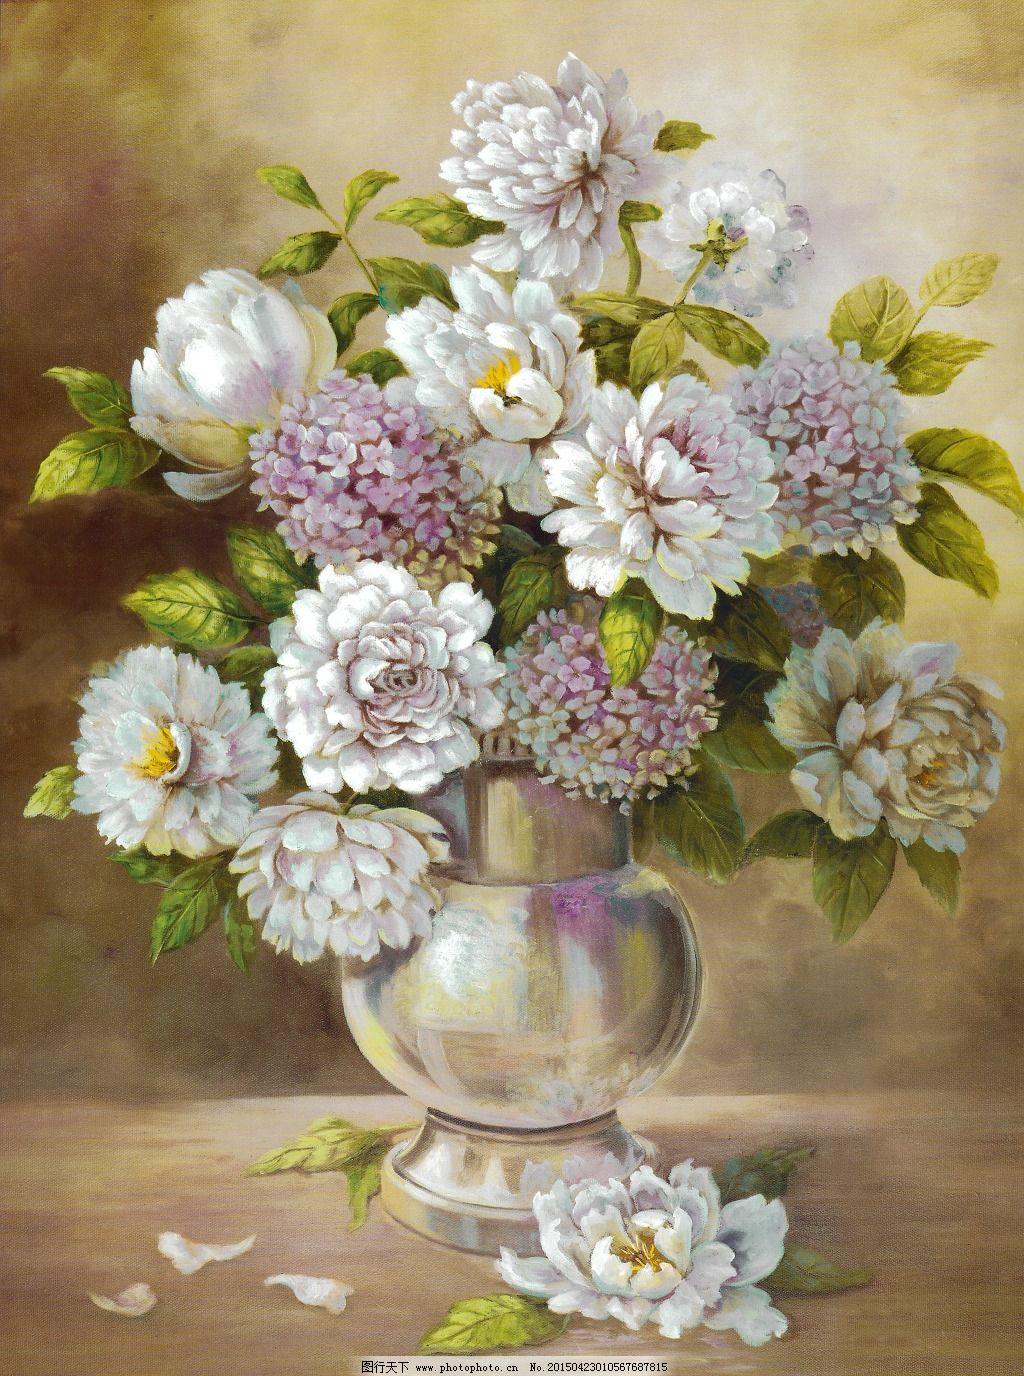 绣球花免费下载 白花 花瓶 绣球花 白花 花瓶 绣球花 装饰素材 油画